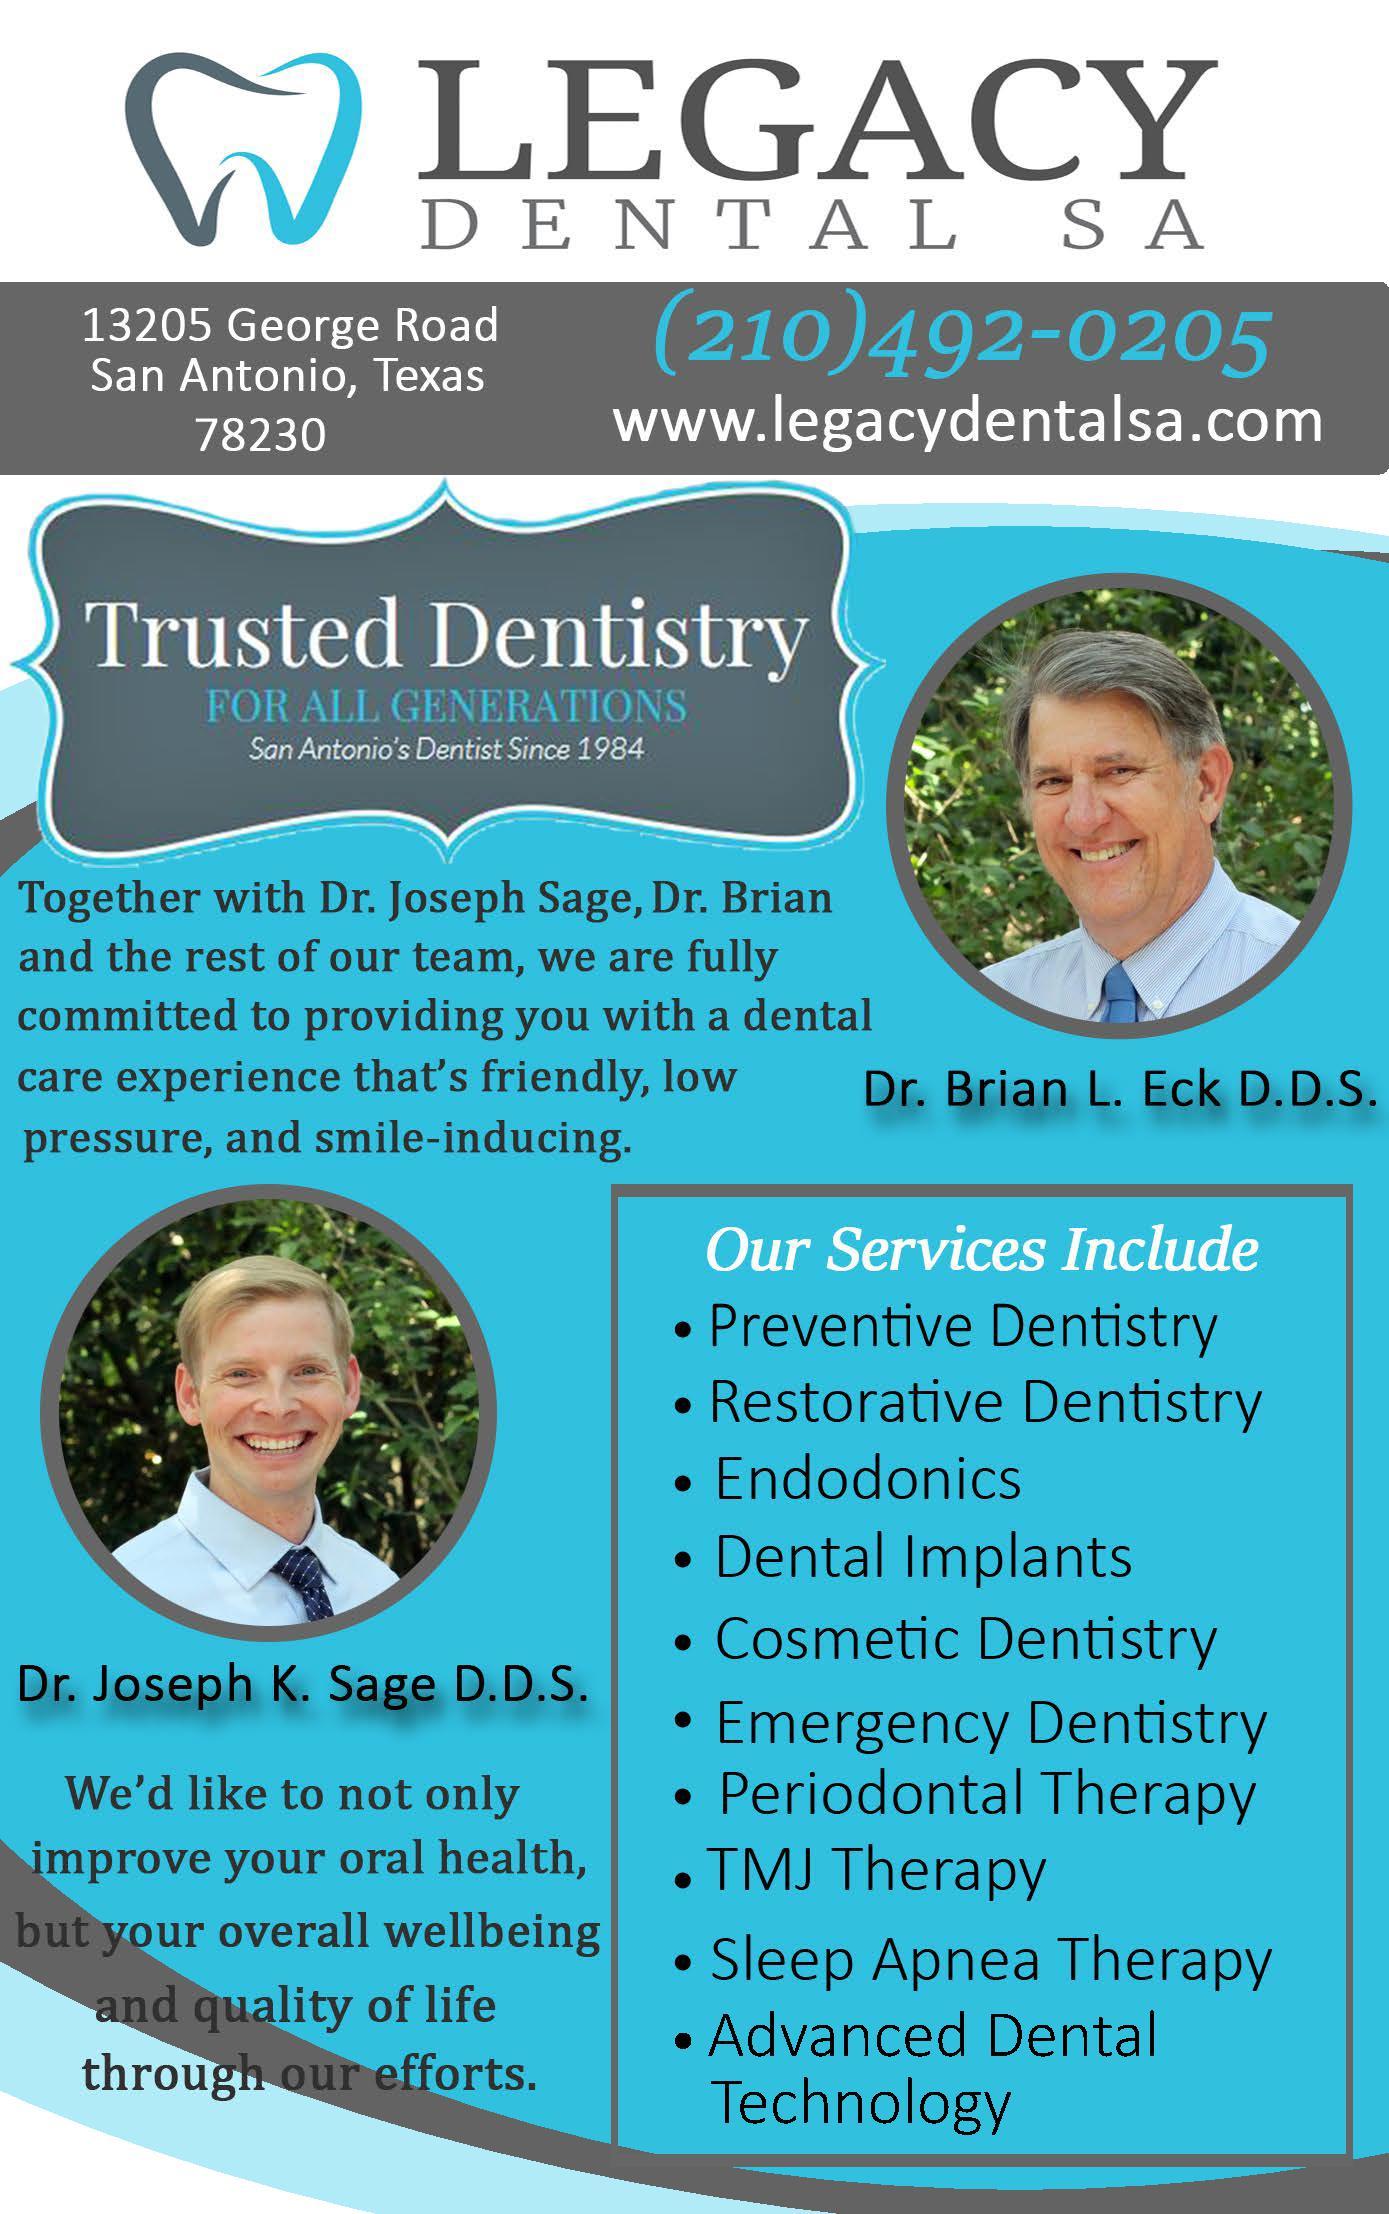 Legacy Dental SA